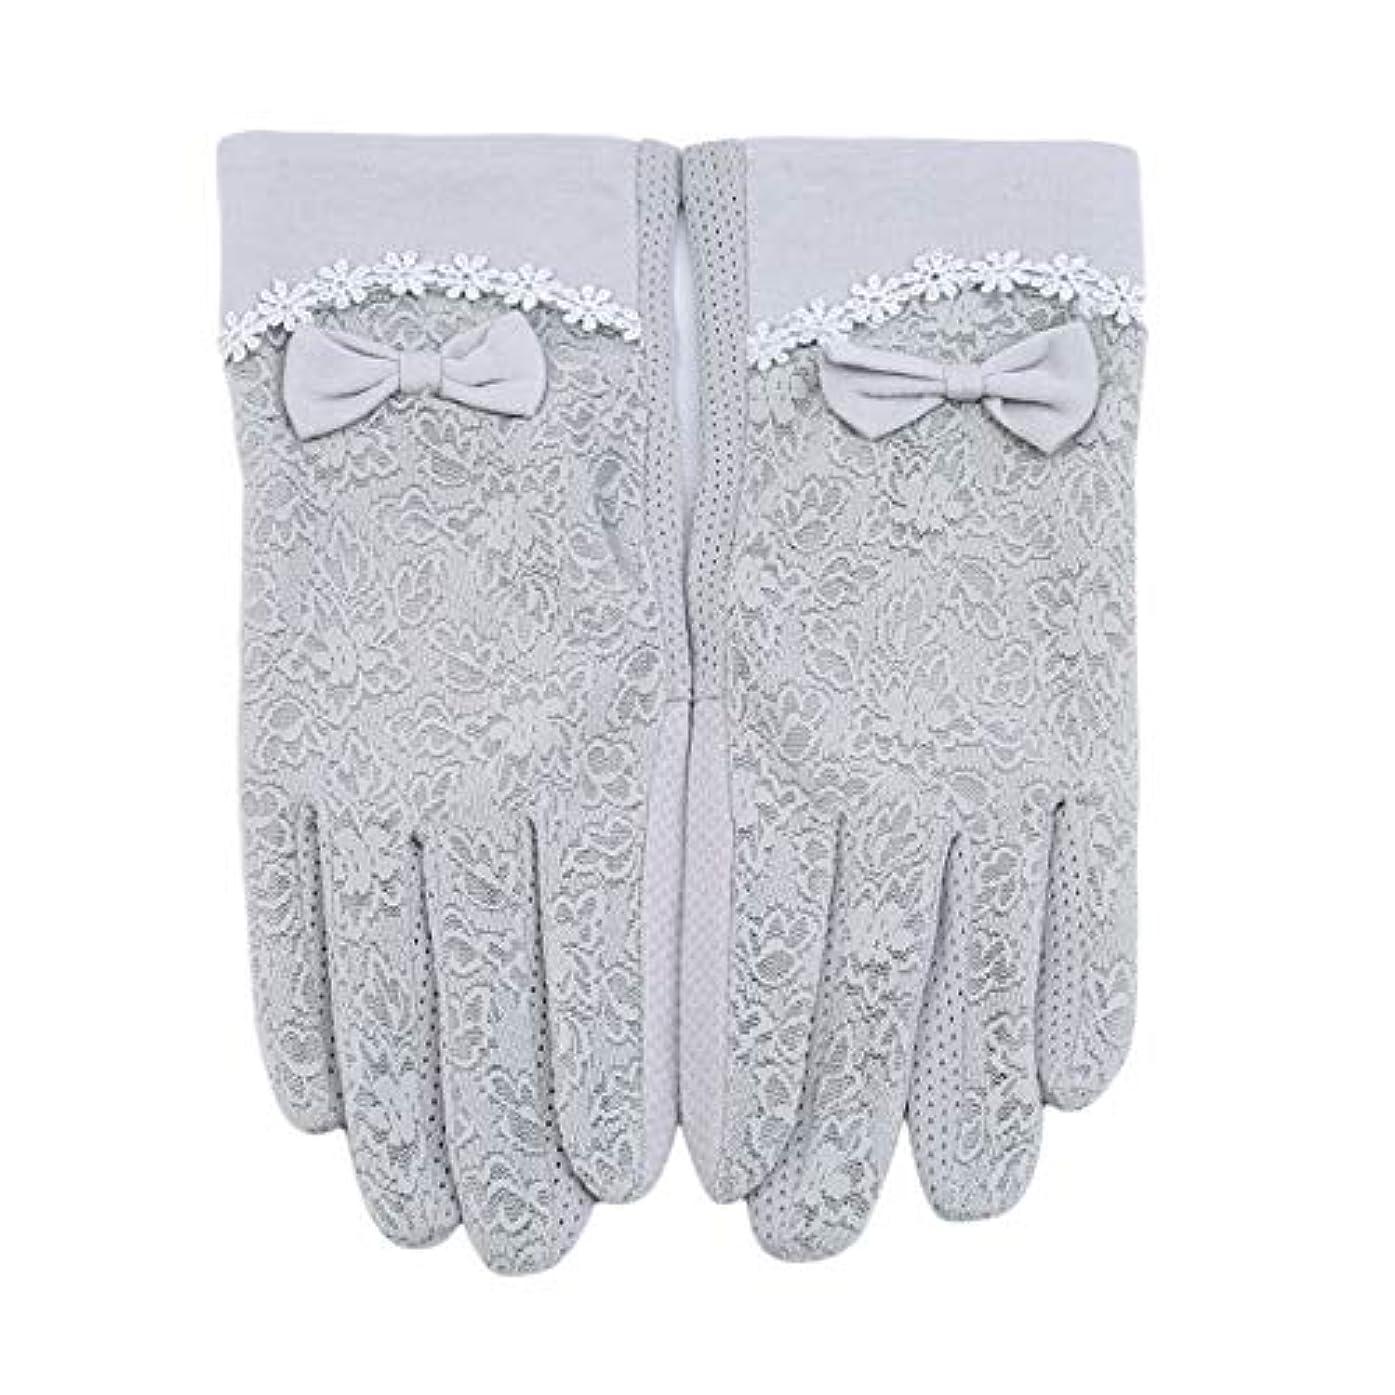 適合冬かりてMODMHB 手袋 UVカット 手触りが良い 紫外線カット 日焼け防止 ハンド ケア 手荒い対策 保湿 保護 抗菌 防臭